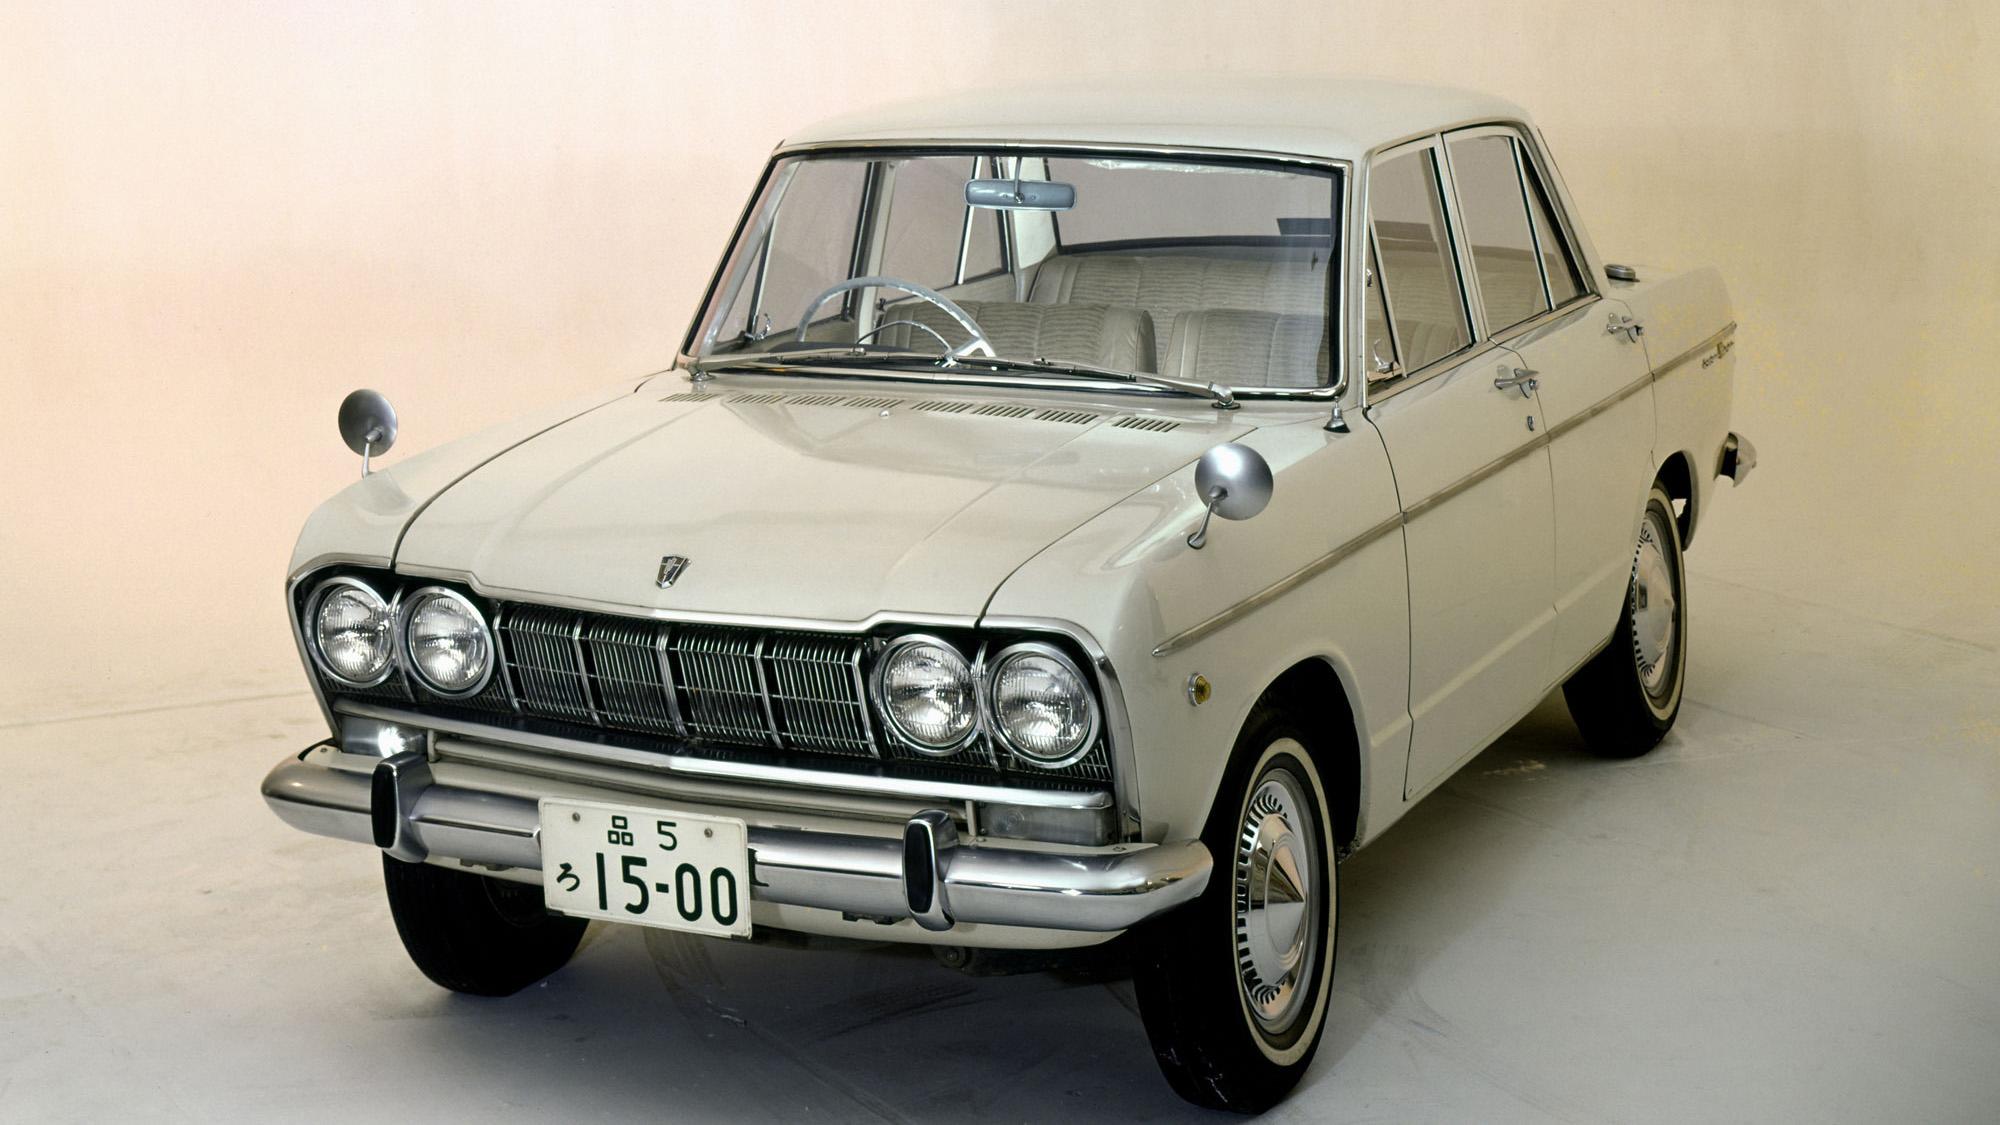 日産「スカイライン」の60年、全モデルを写真で振り返る① - 1963_1500Deluxe_S50D-source